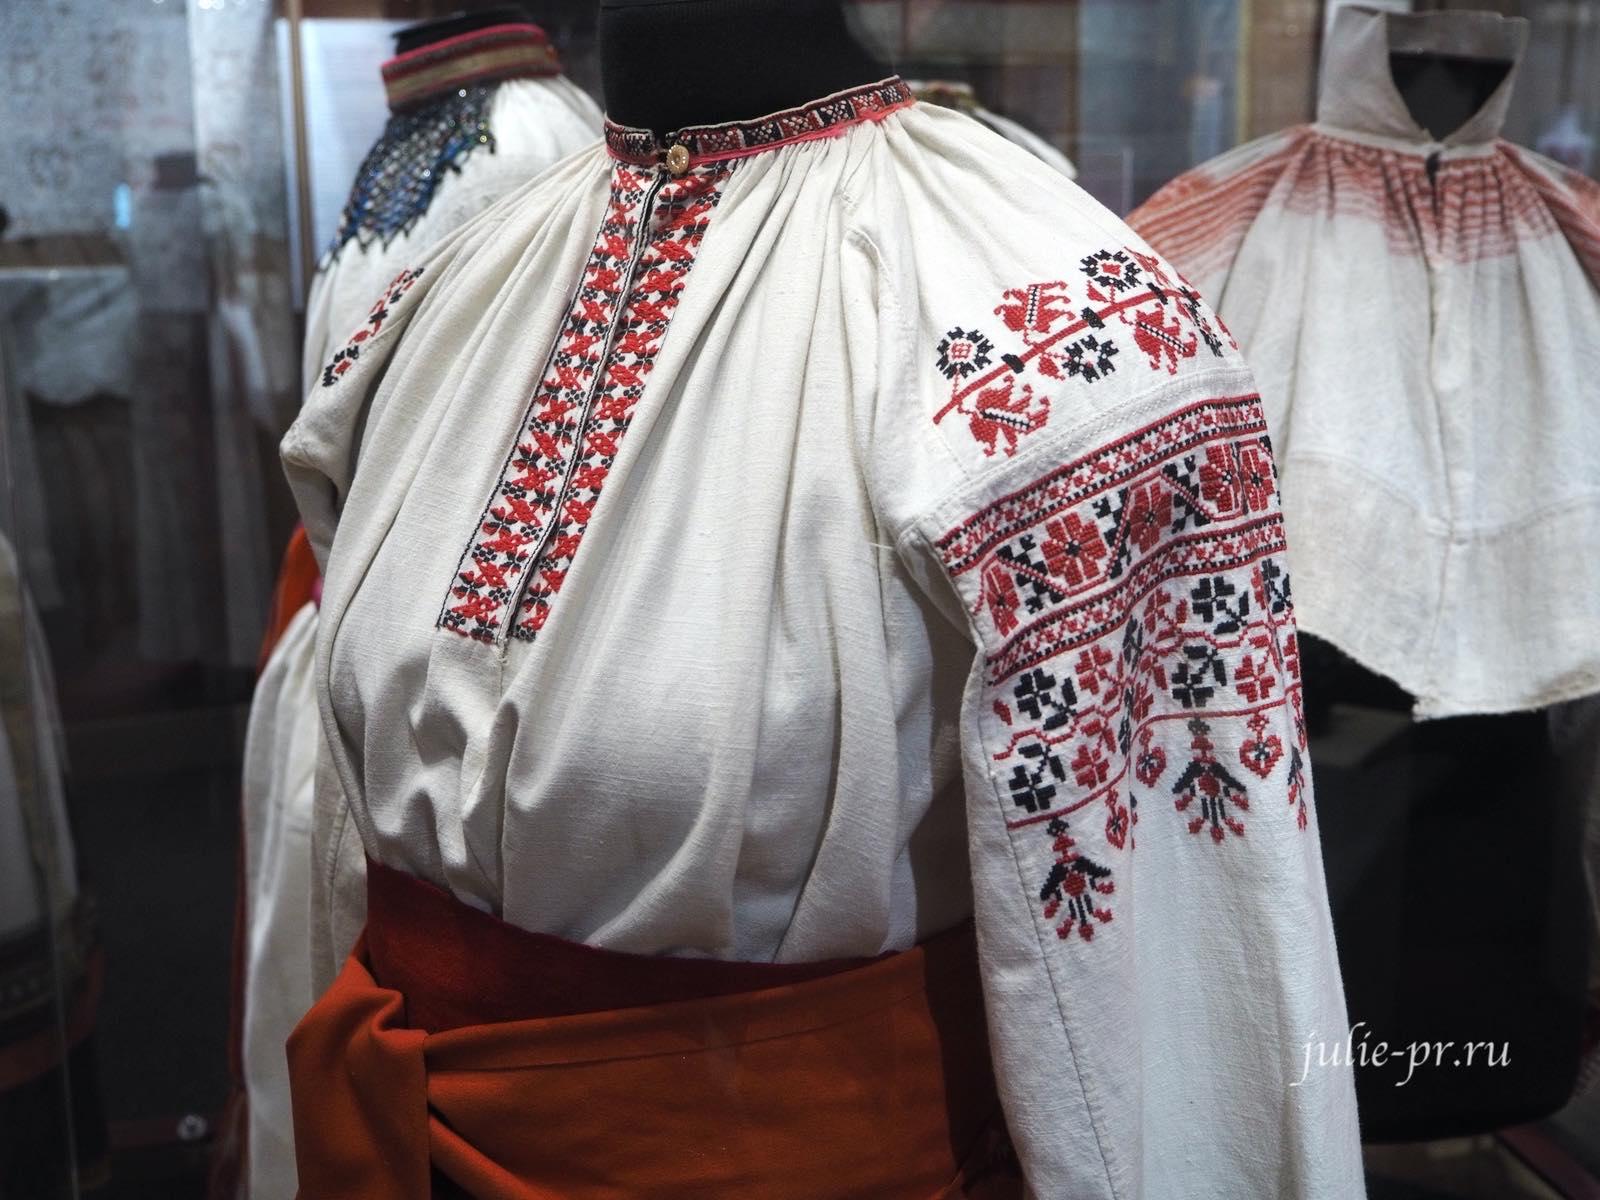 Женский народный костюм, вышивка крестом